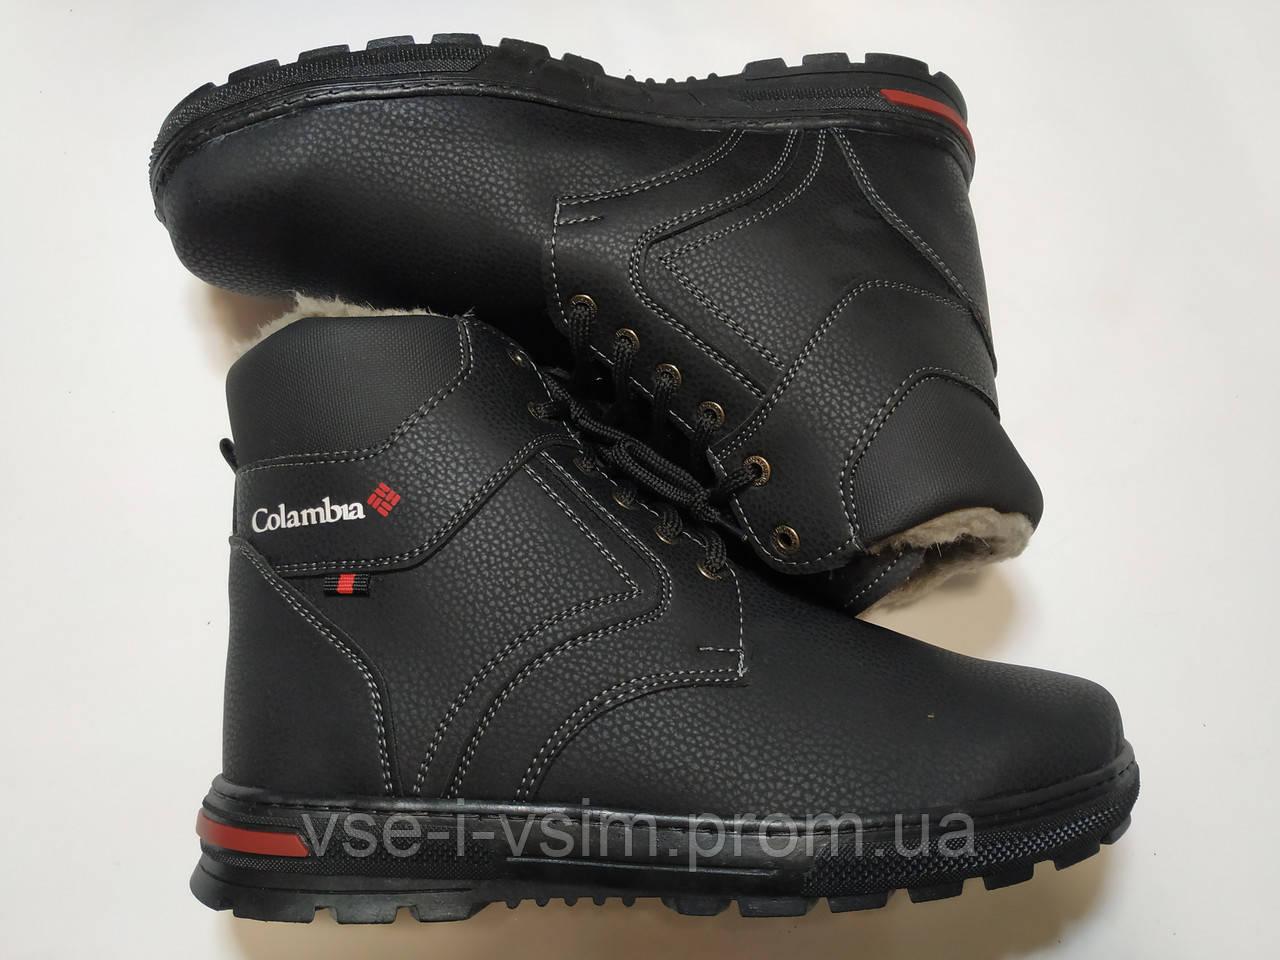 Ботинки Мужские теплые 44 р 28.5 см